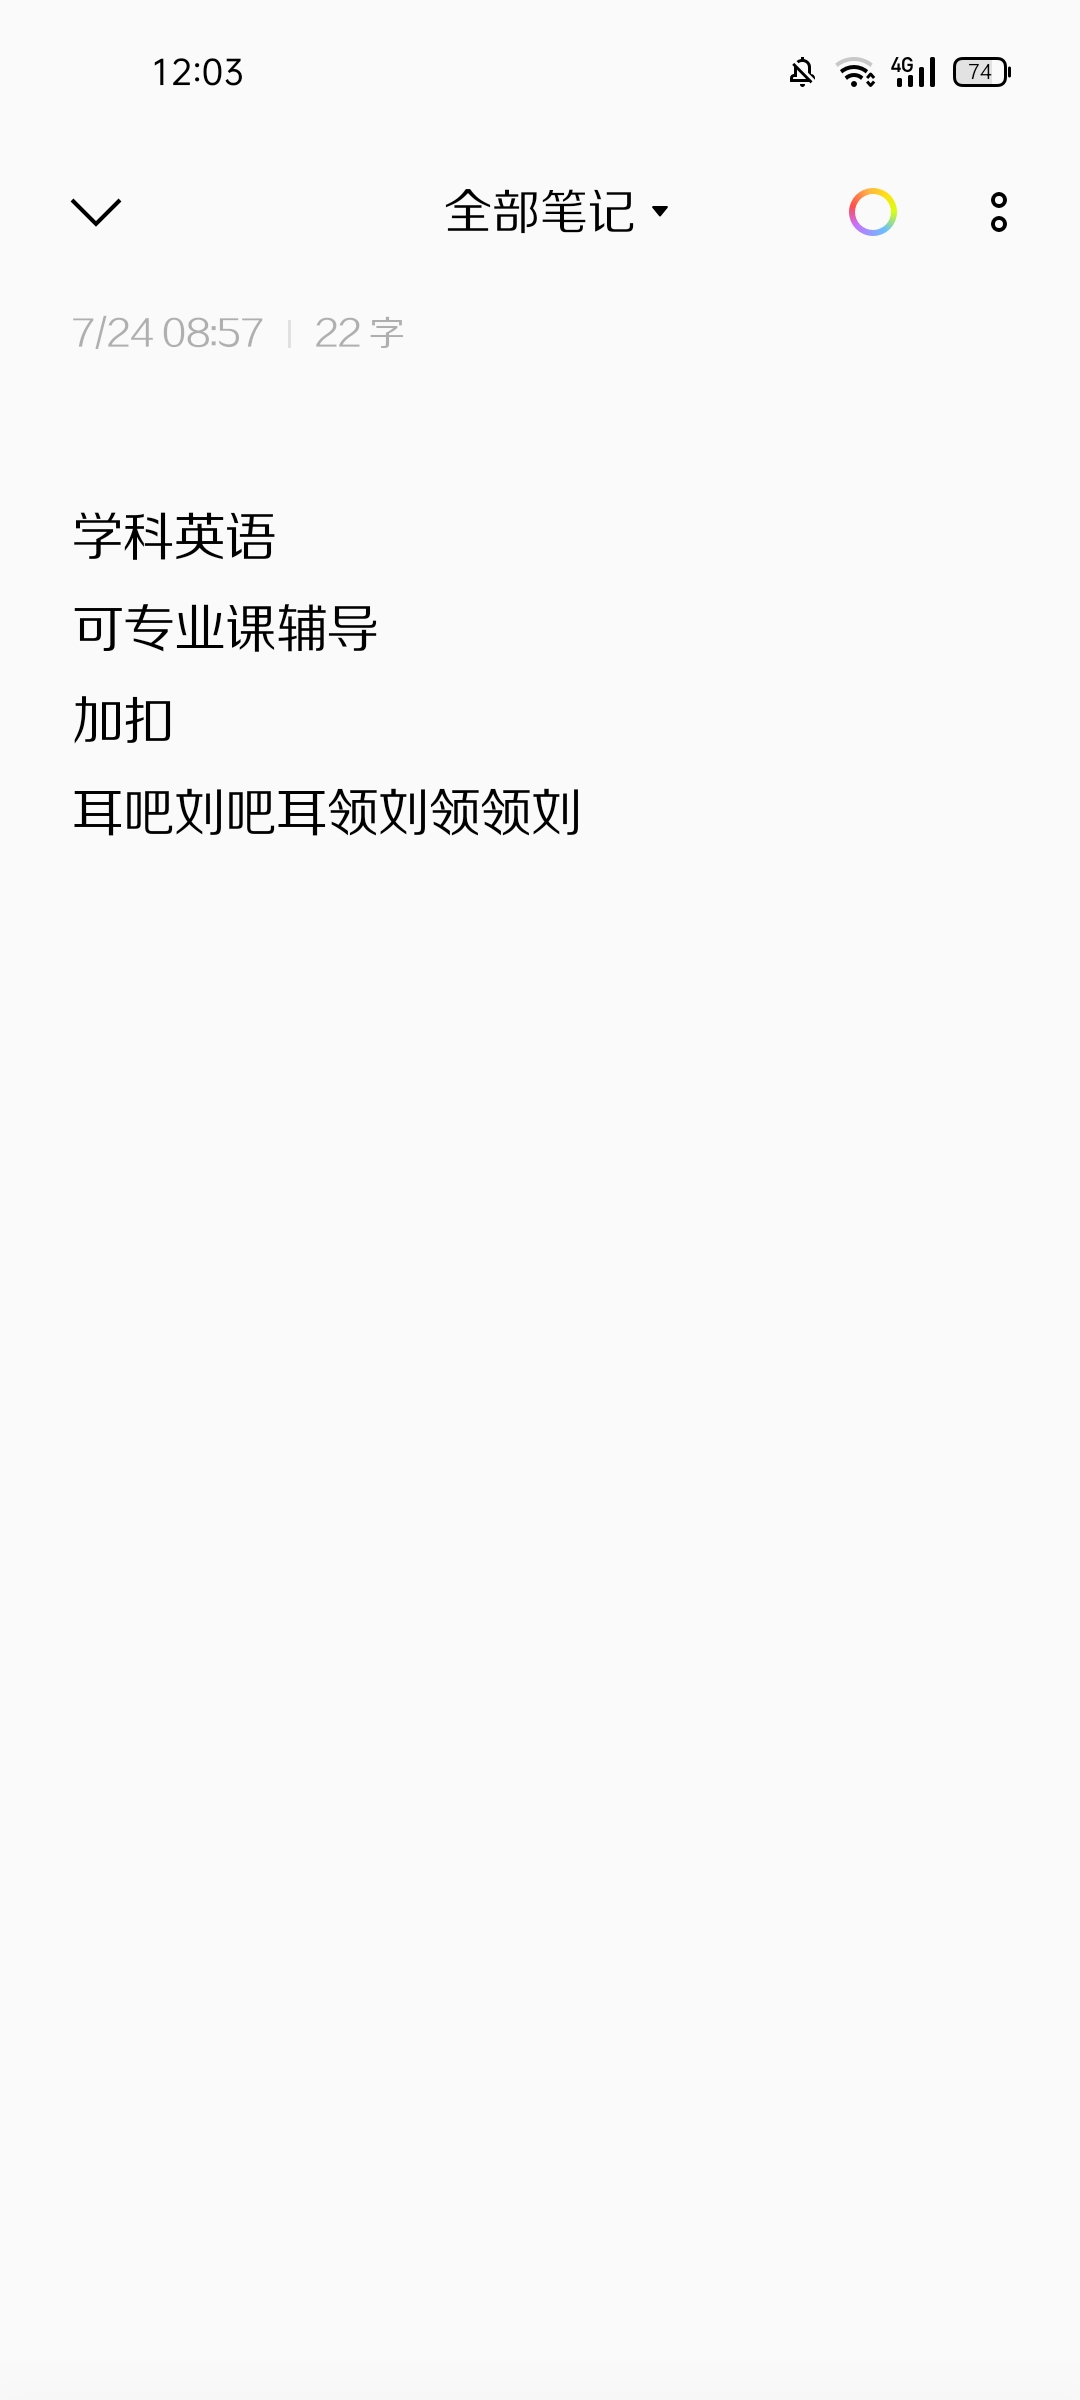 IMG_D4151363DA0E95FE1D67E08FAC09A4.jpeg